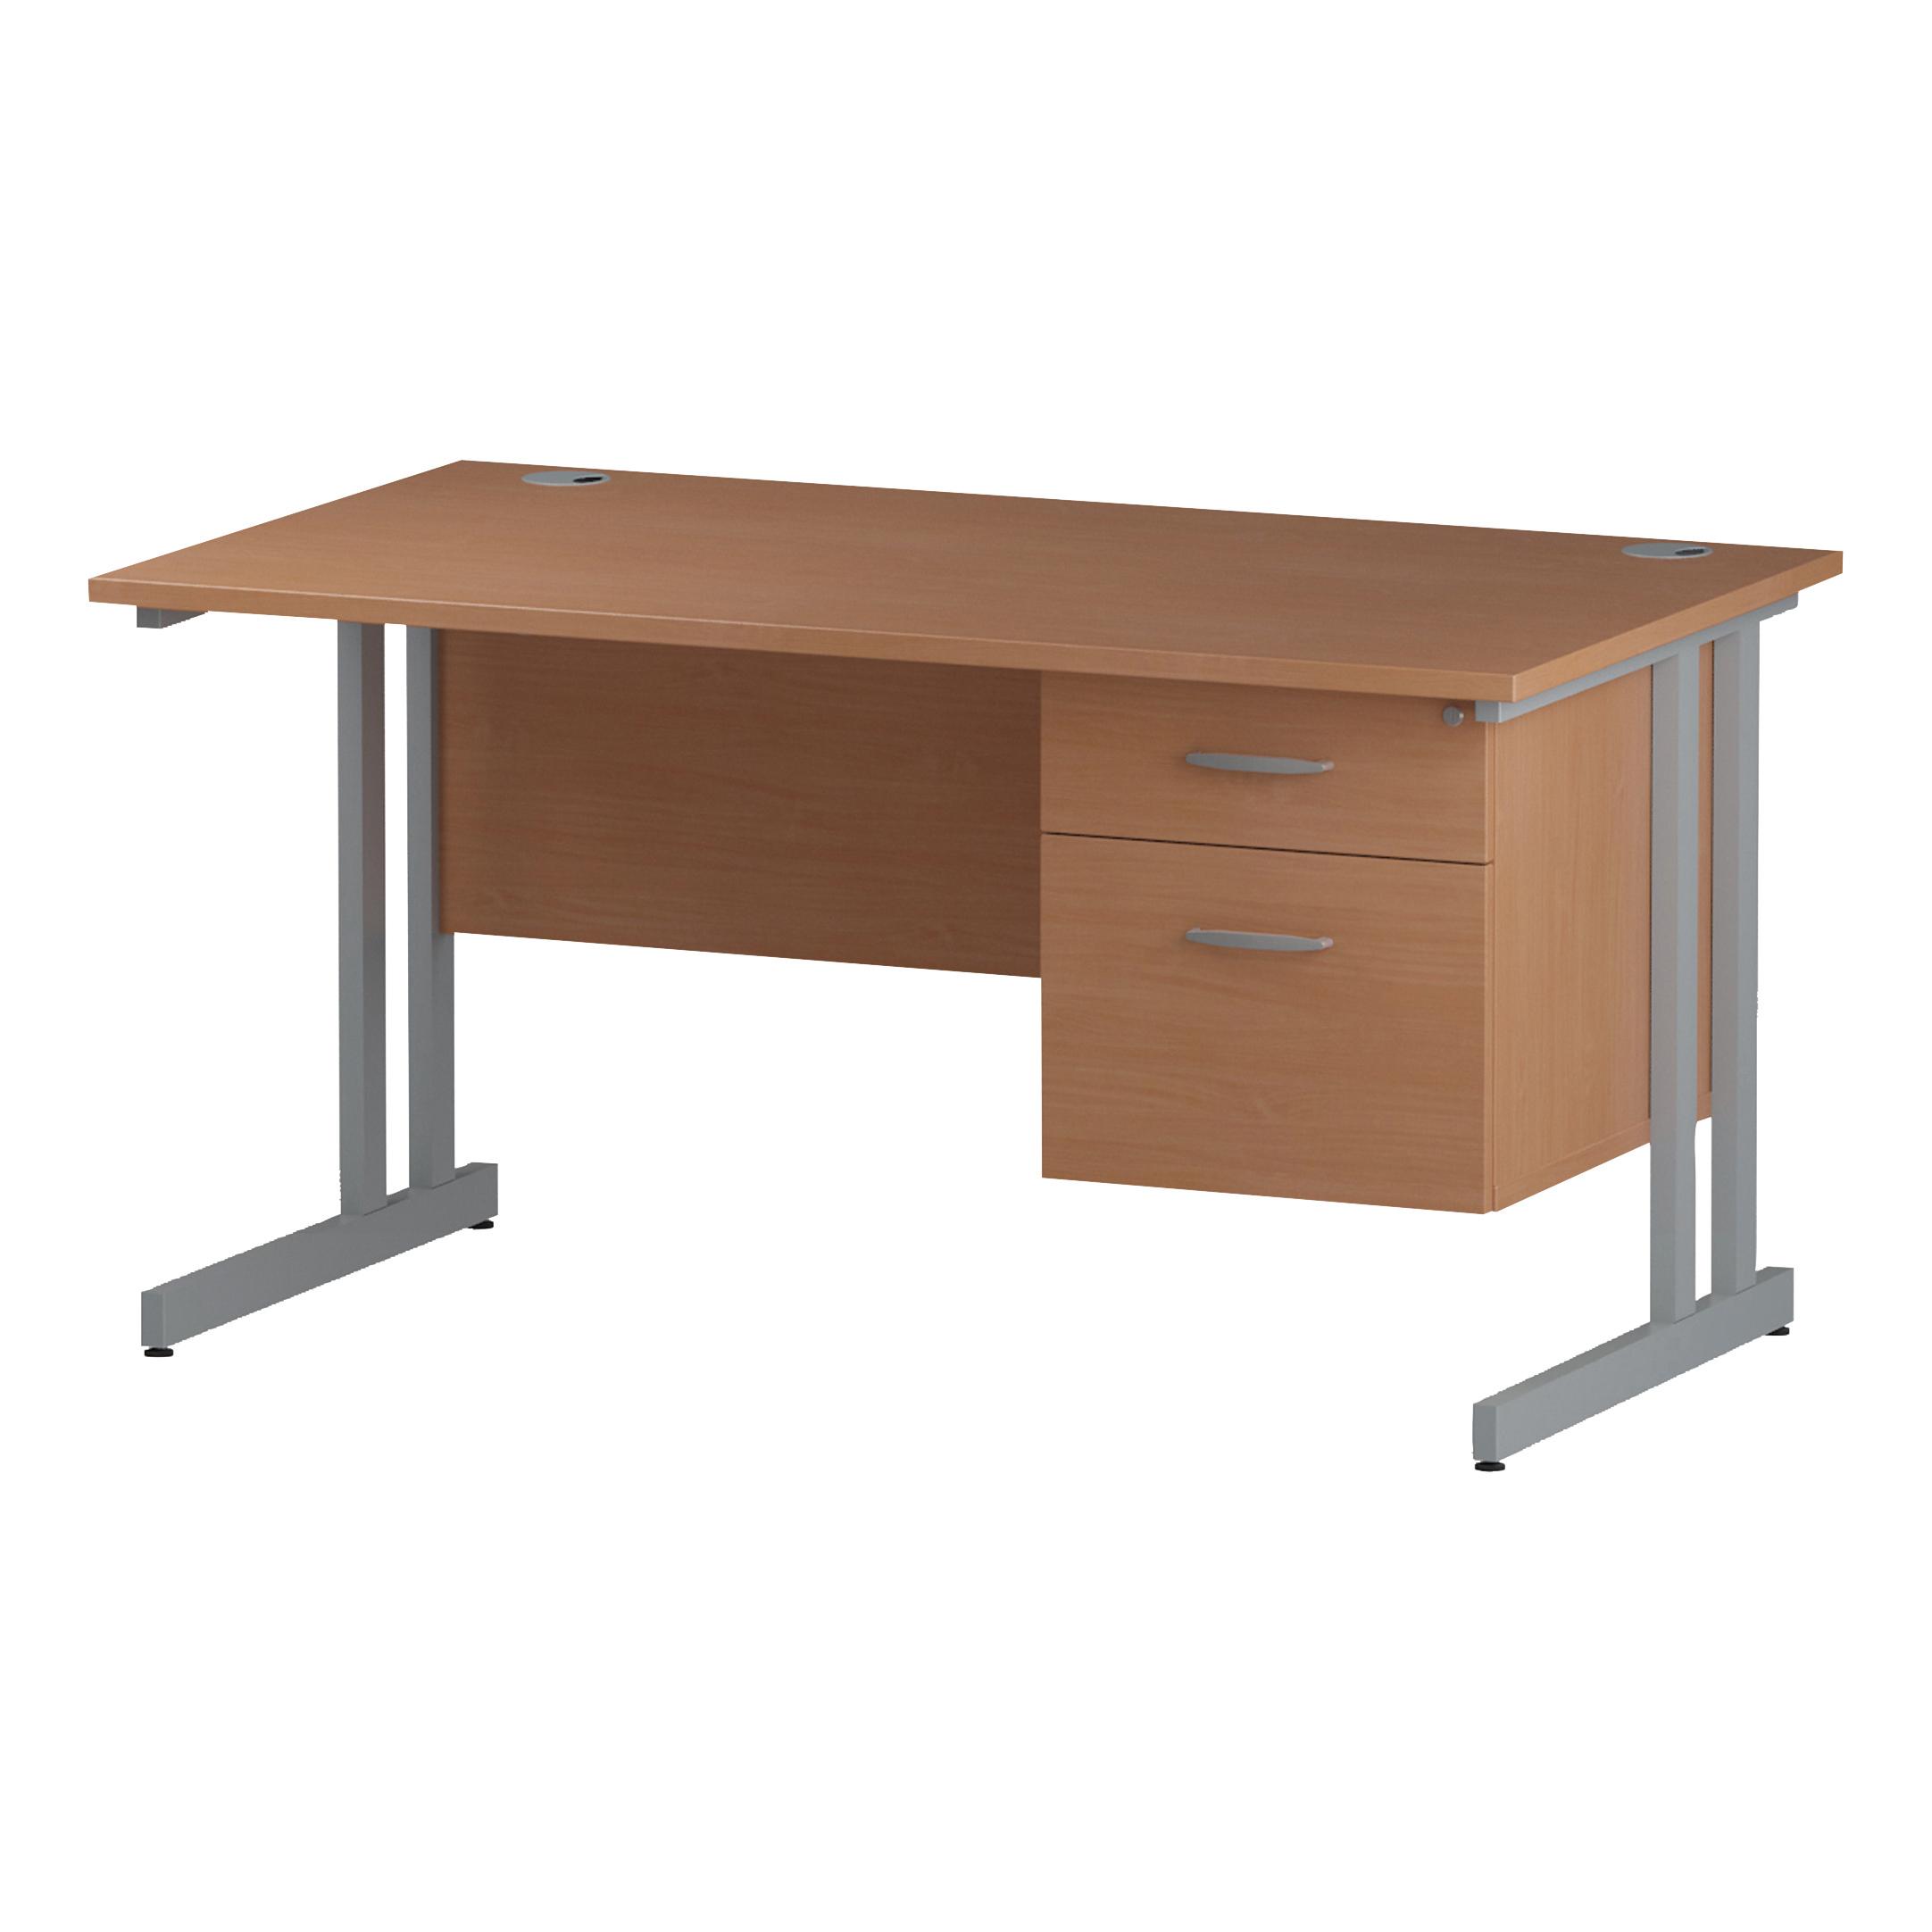 Trexus Rectangular Desk Silver Cantilever Leg 1400x800mm Fixed Pedestal 2 Drawers Beech Ref I001689